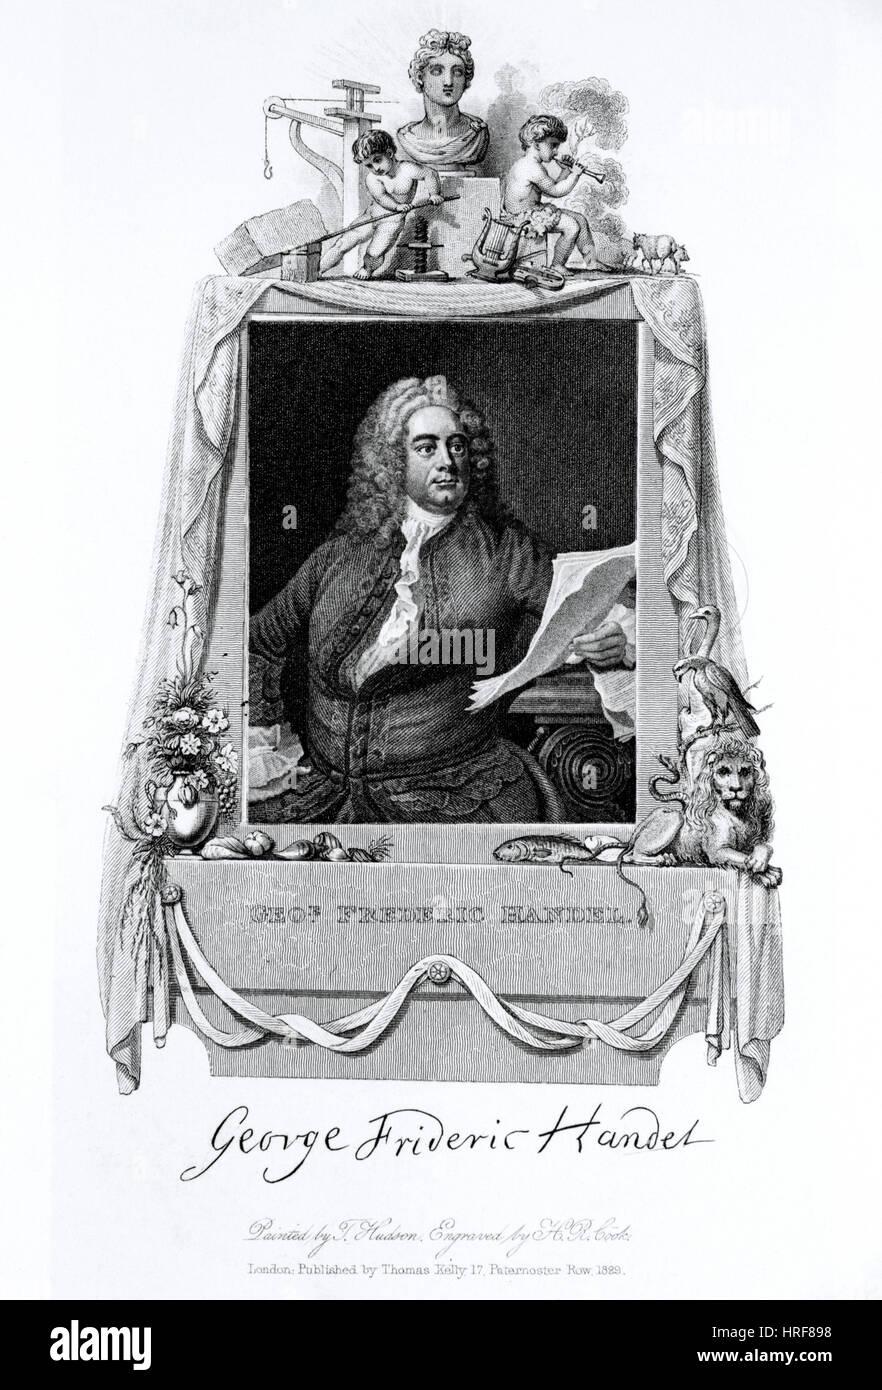 George Händel, deutscher Barockkomponist Stockbild